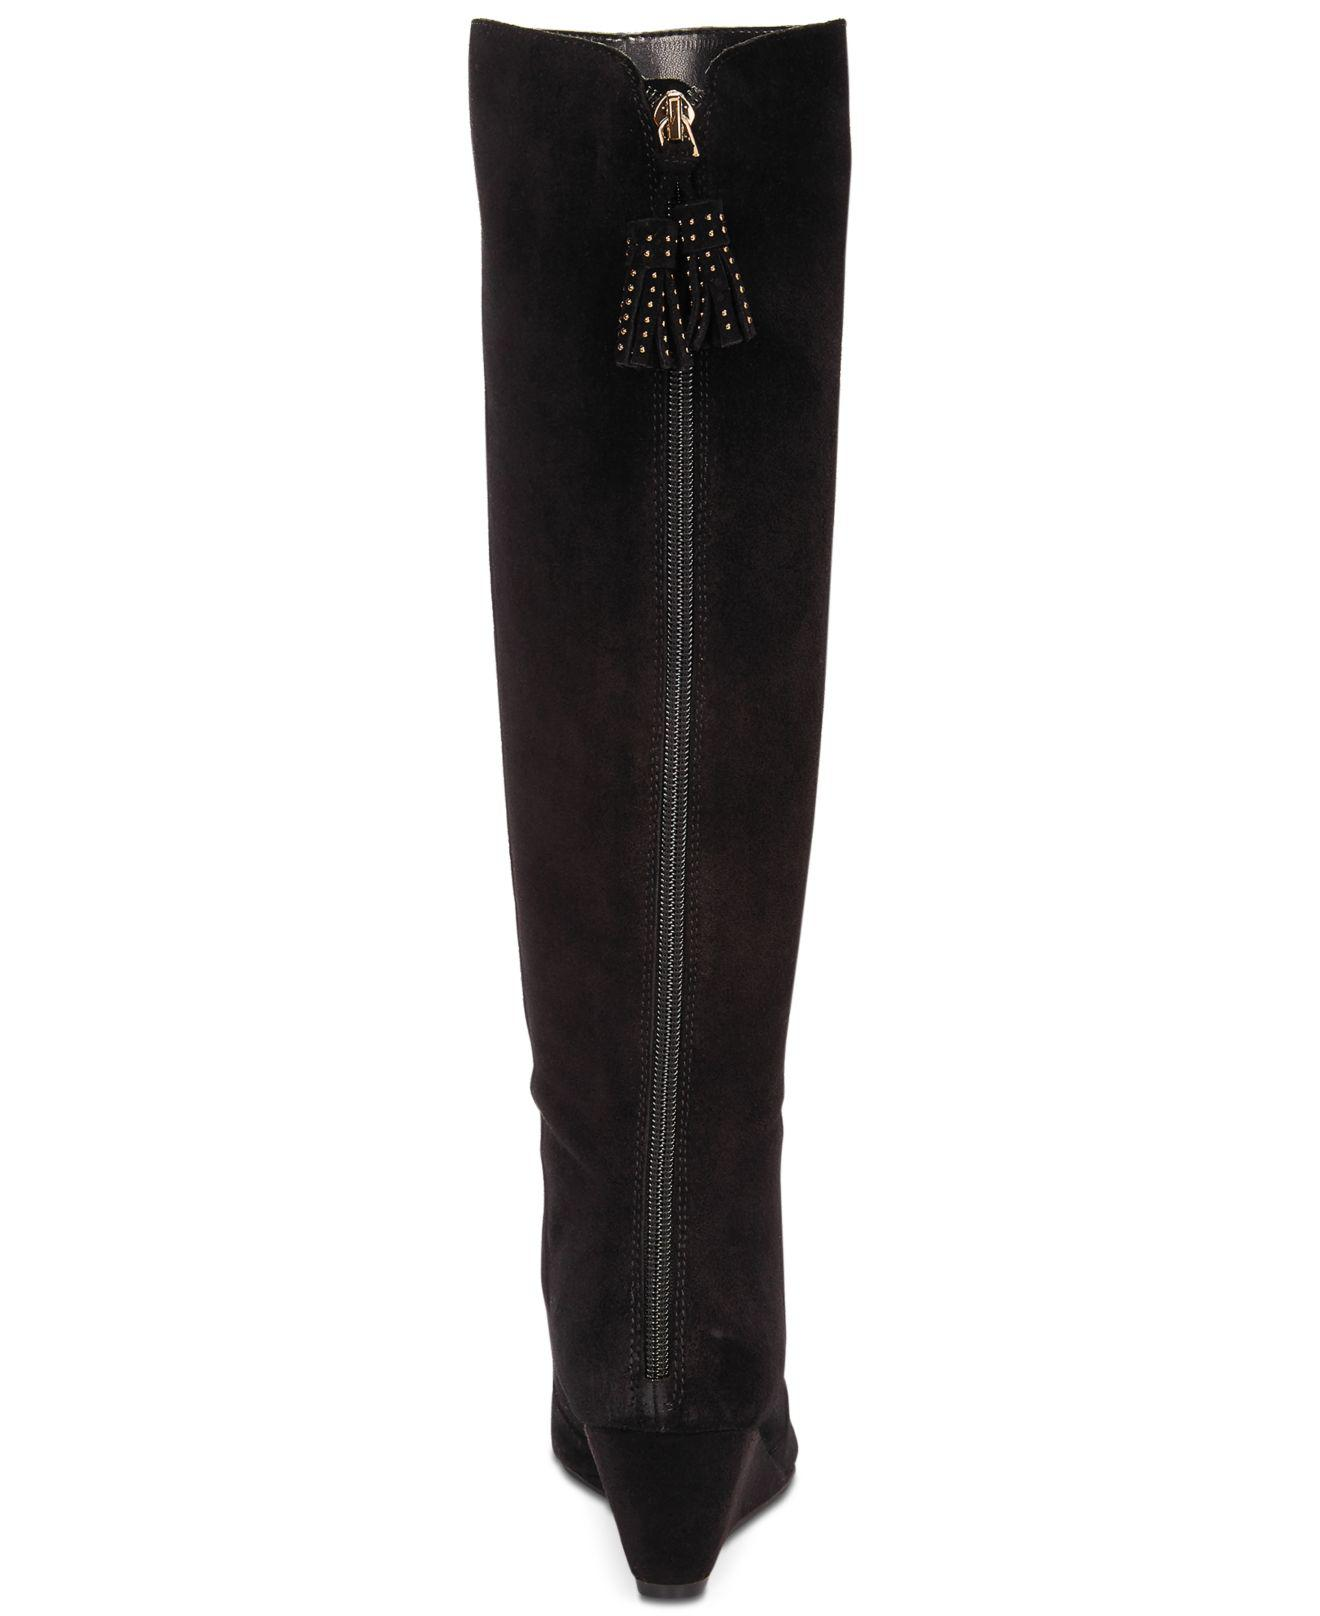 d84dfadb1703 Lyst - Anne Klein Azriel Tall Boots in Black